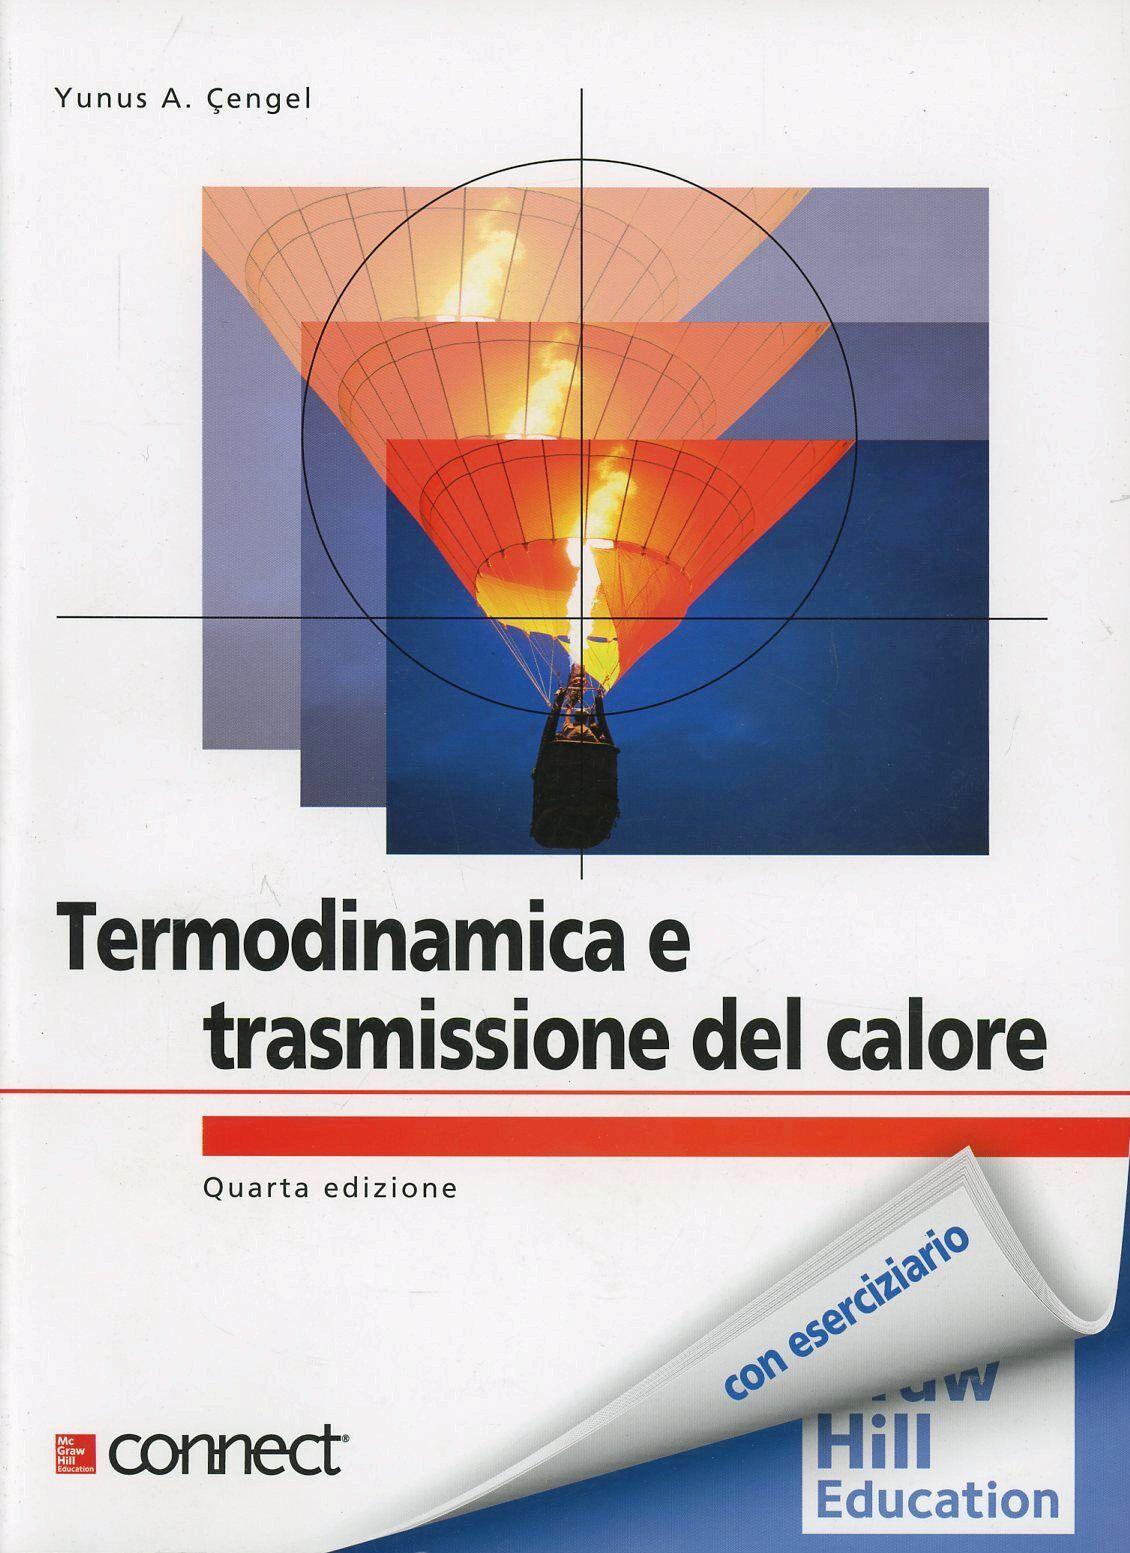 Termodinamica e trasmissione del calore-Elementi di acustica e illuminotecnica